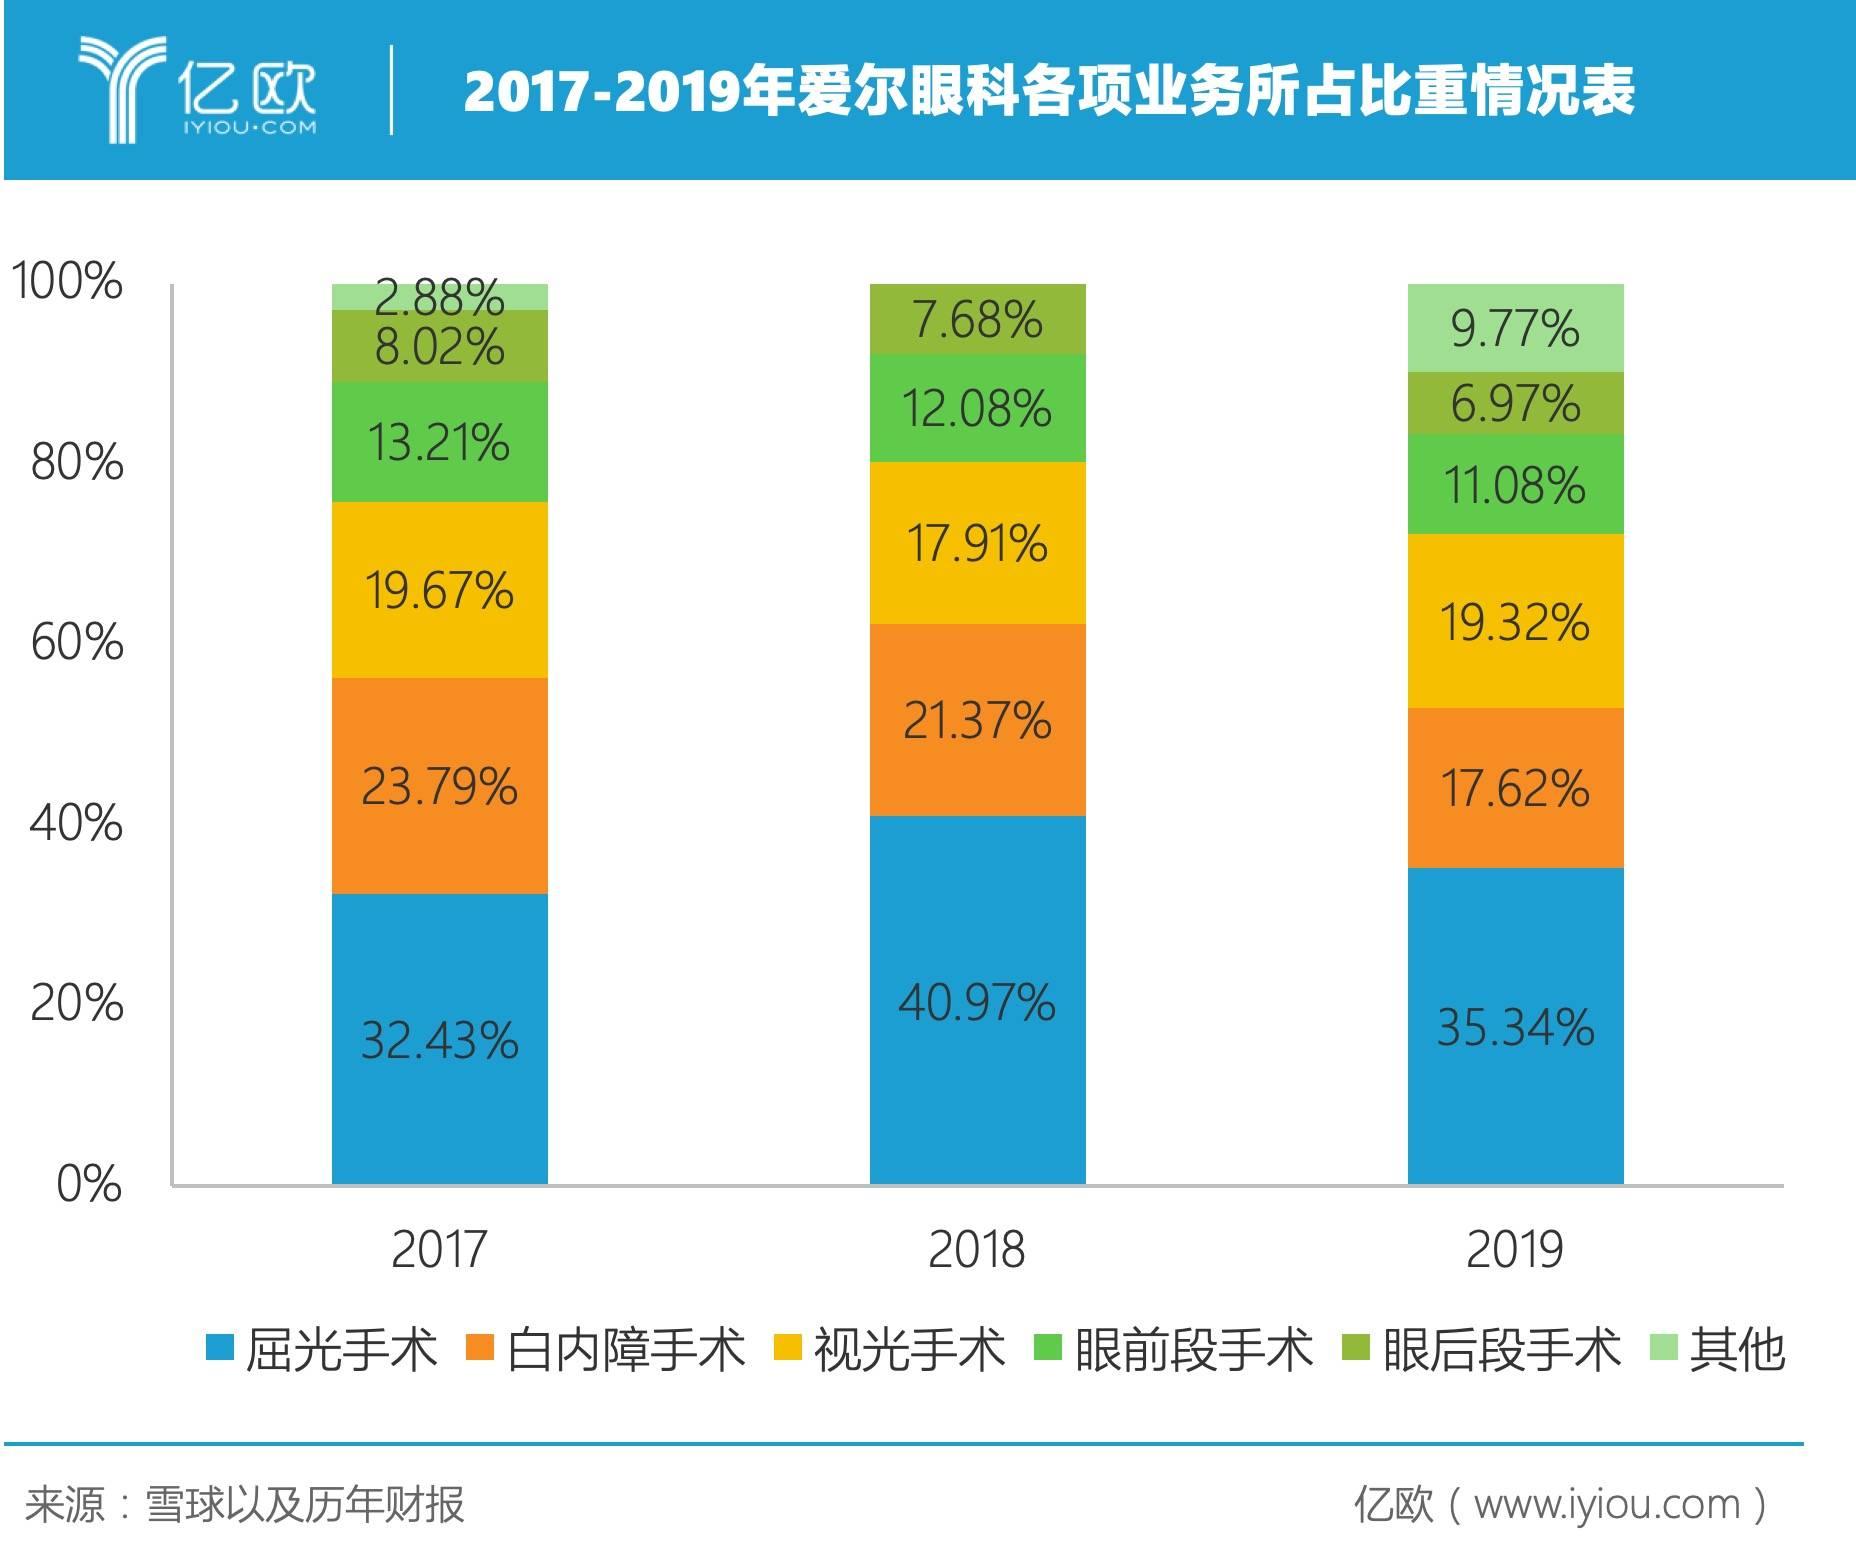 2017-2019年爱尔眼科各项业务所占比重情况表.jpeg